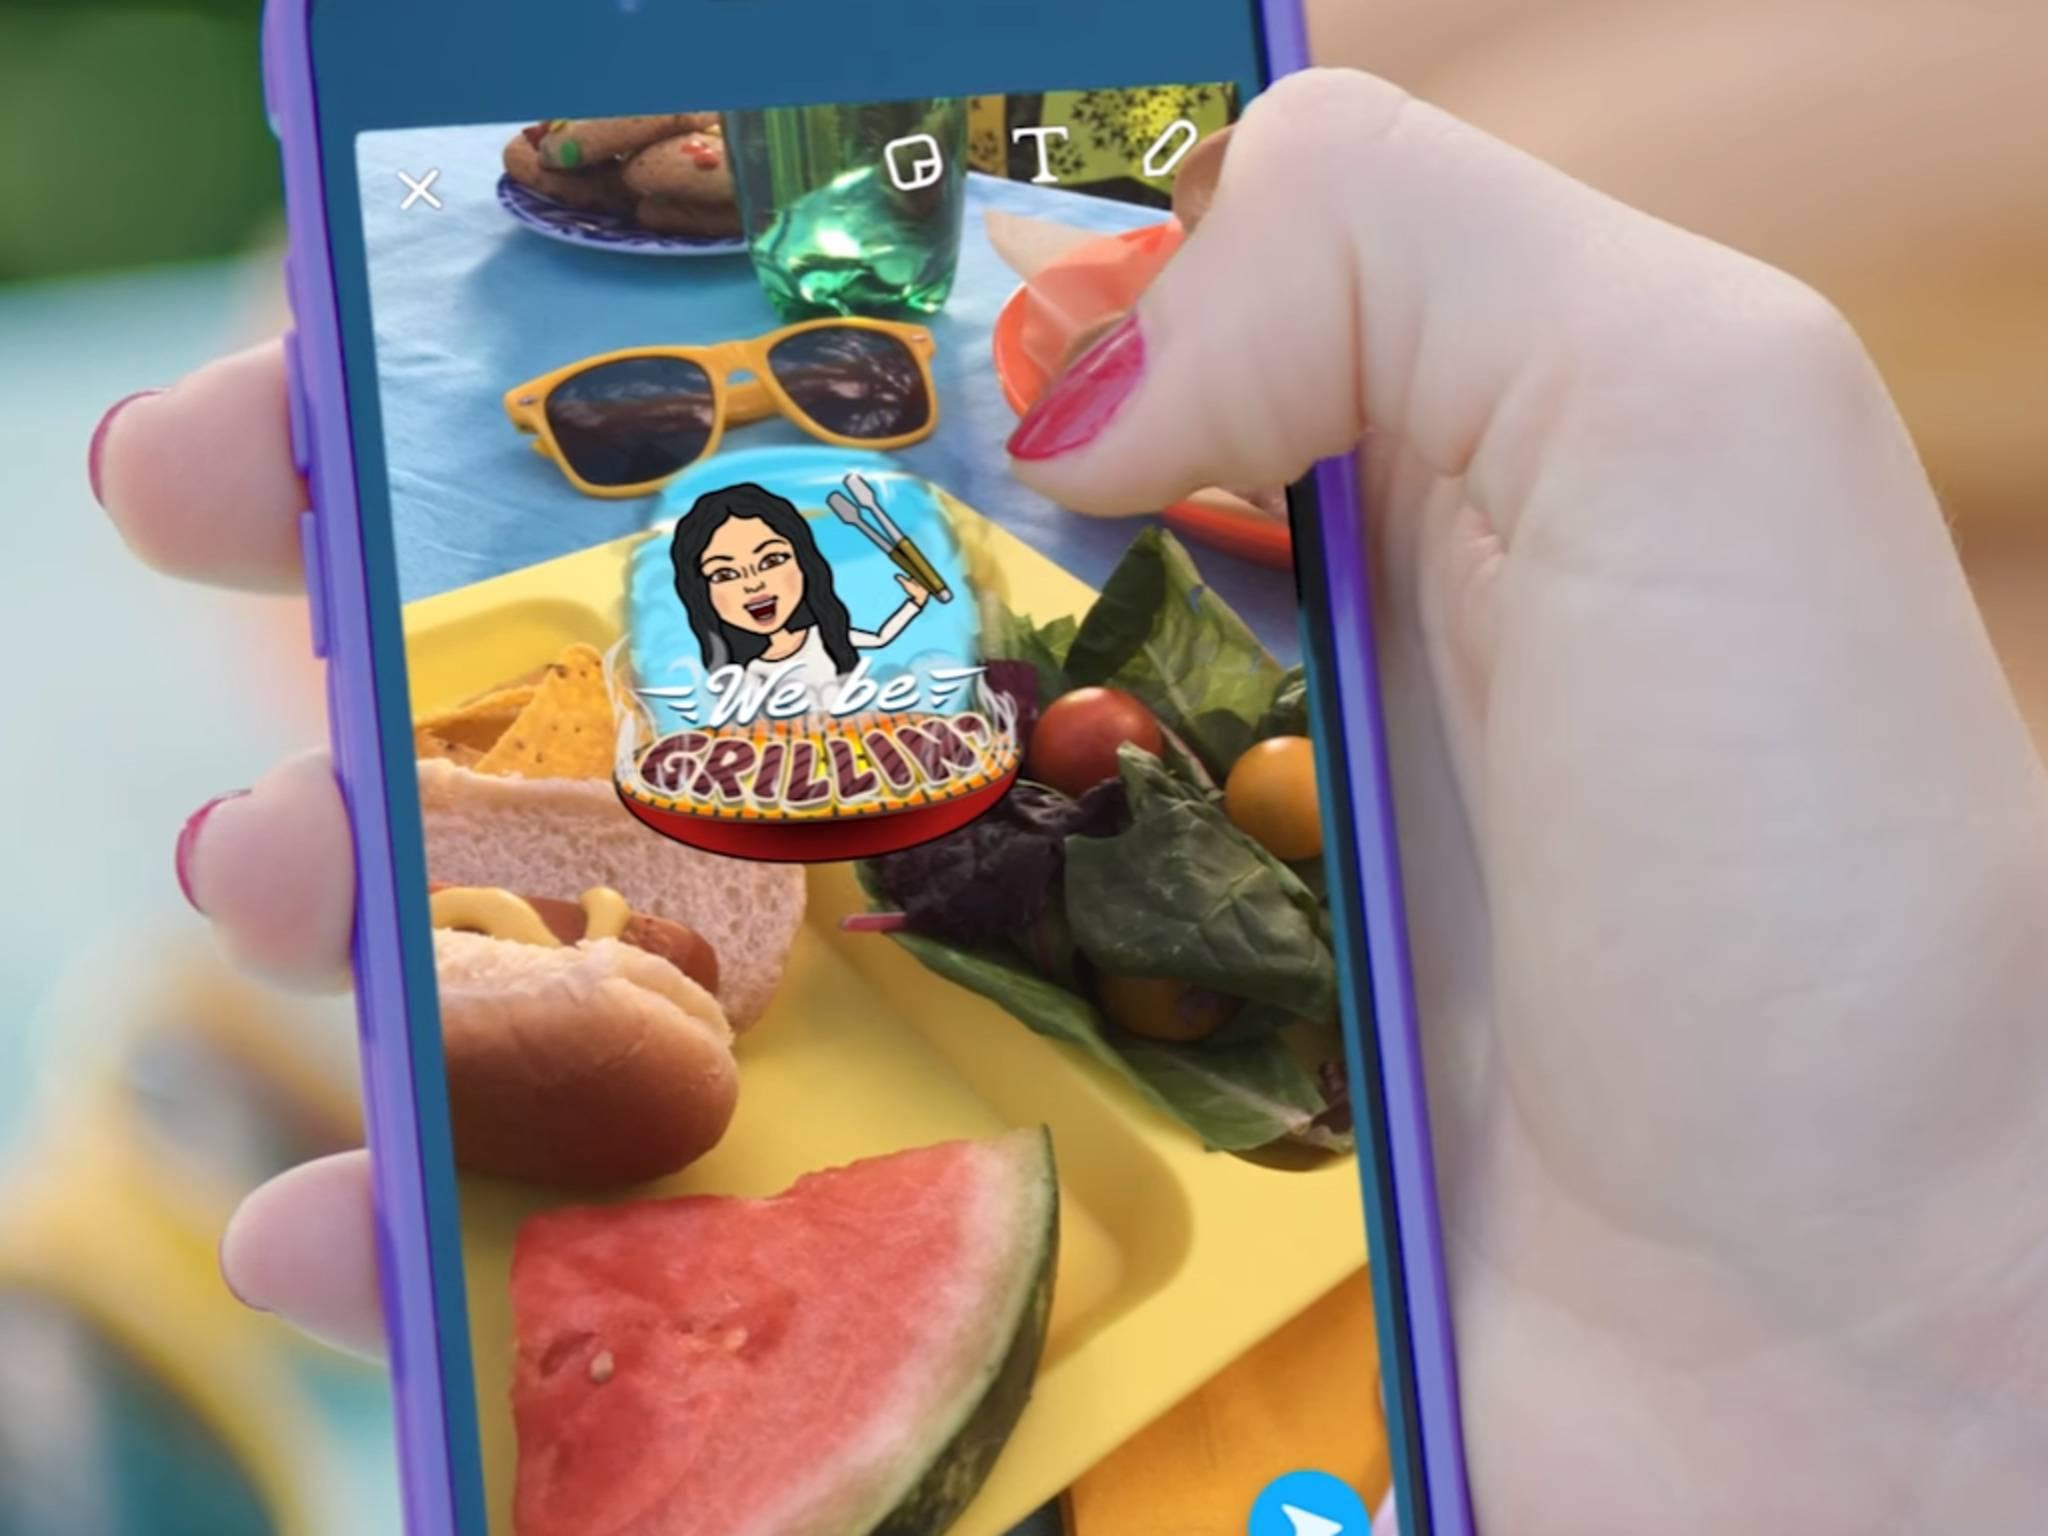 Bitmoji lässt sich jetzt mit Snapchat verwenden.